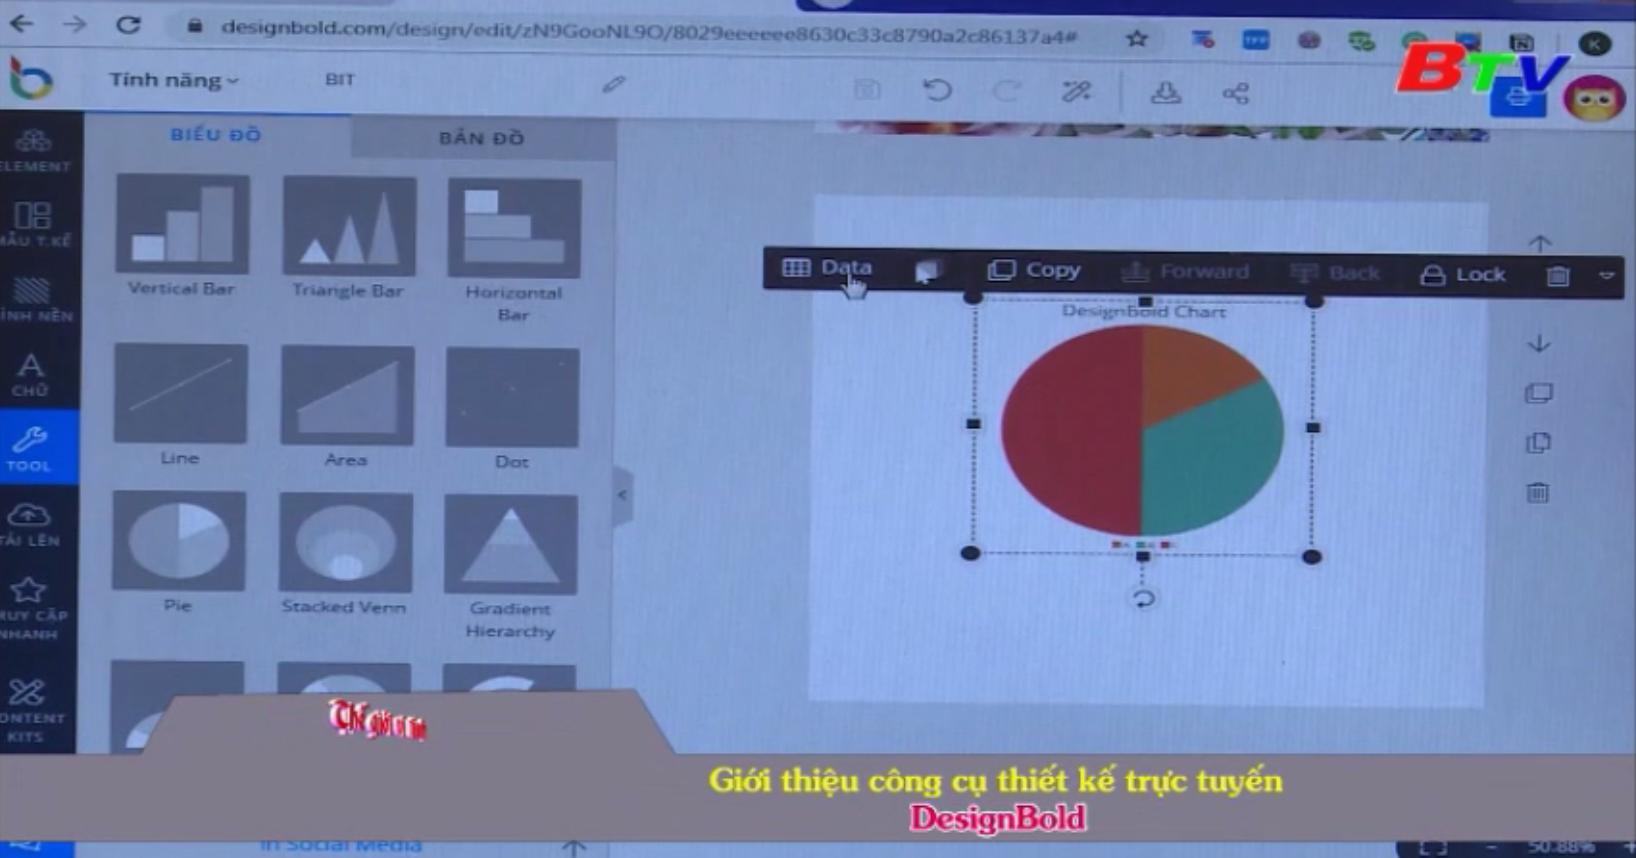 Giới thiệu công cụ thiết kế trực tuyến DesignBold